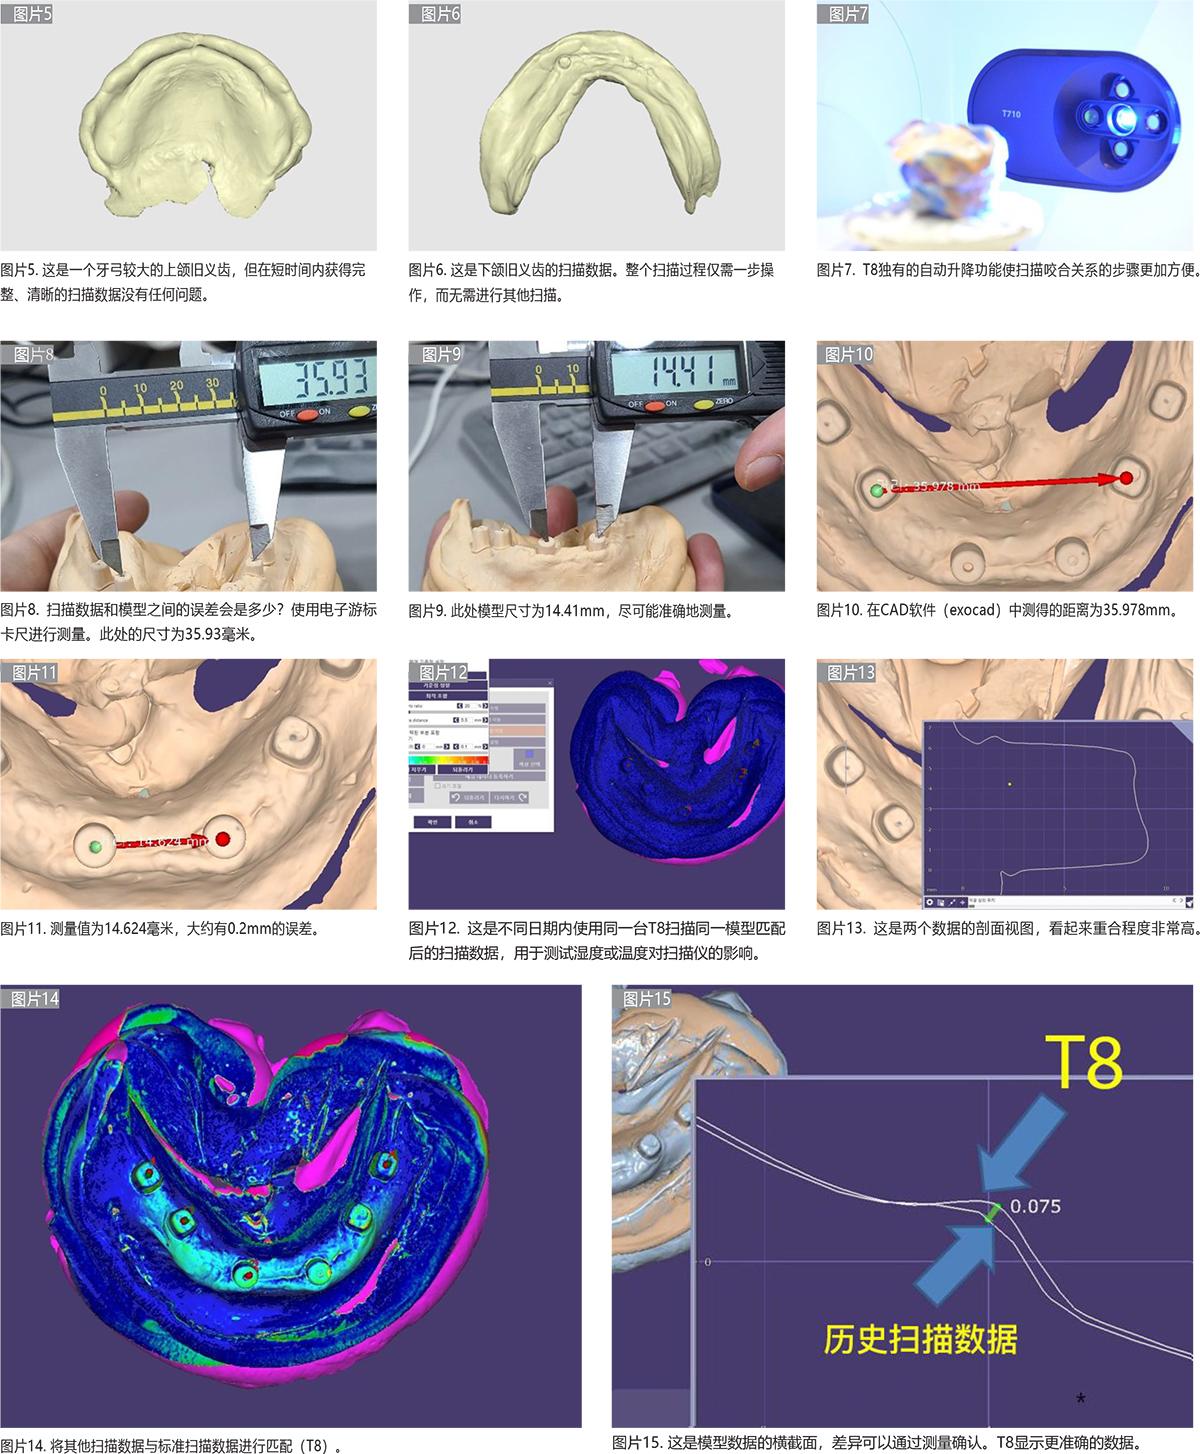 T8-口腔数字化技工所中扫描仪和扫描数据的重要性研究